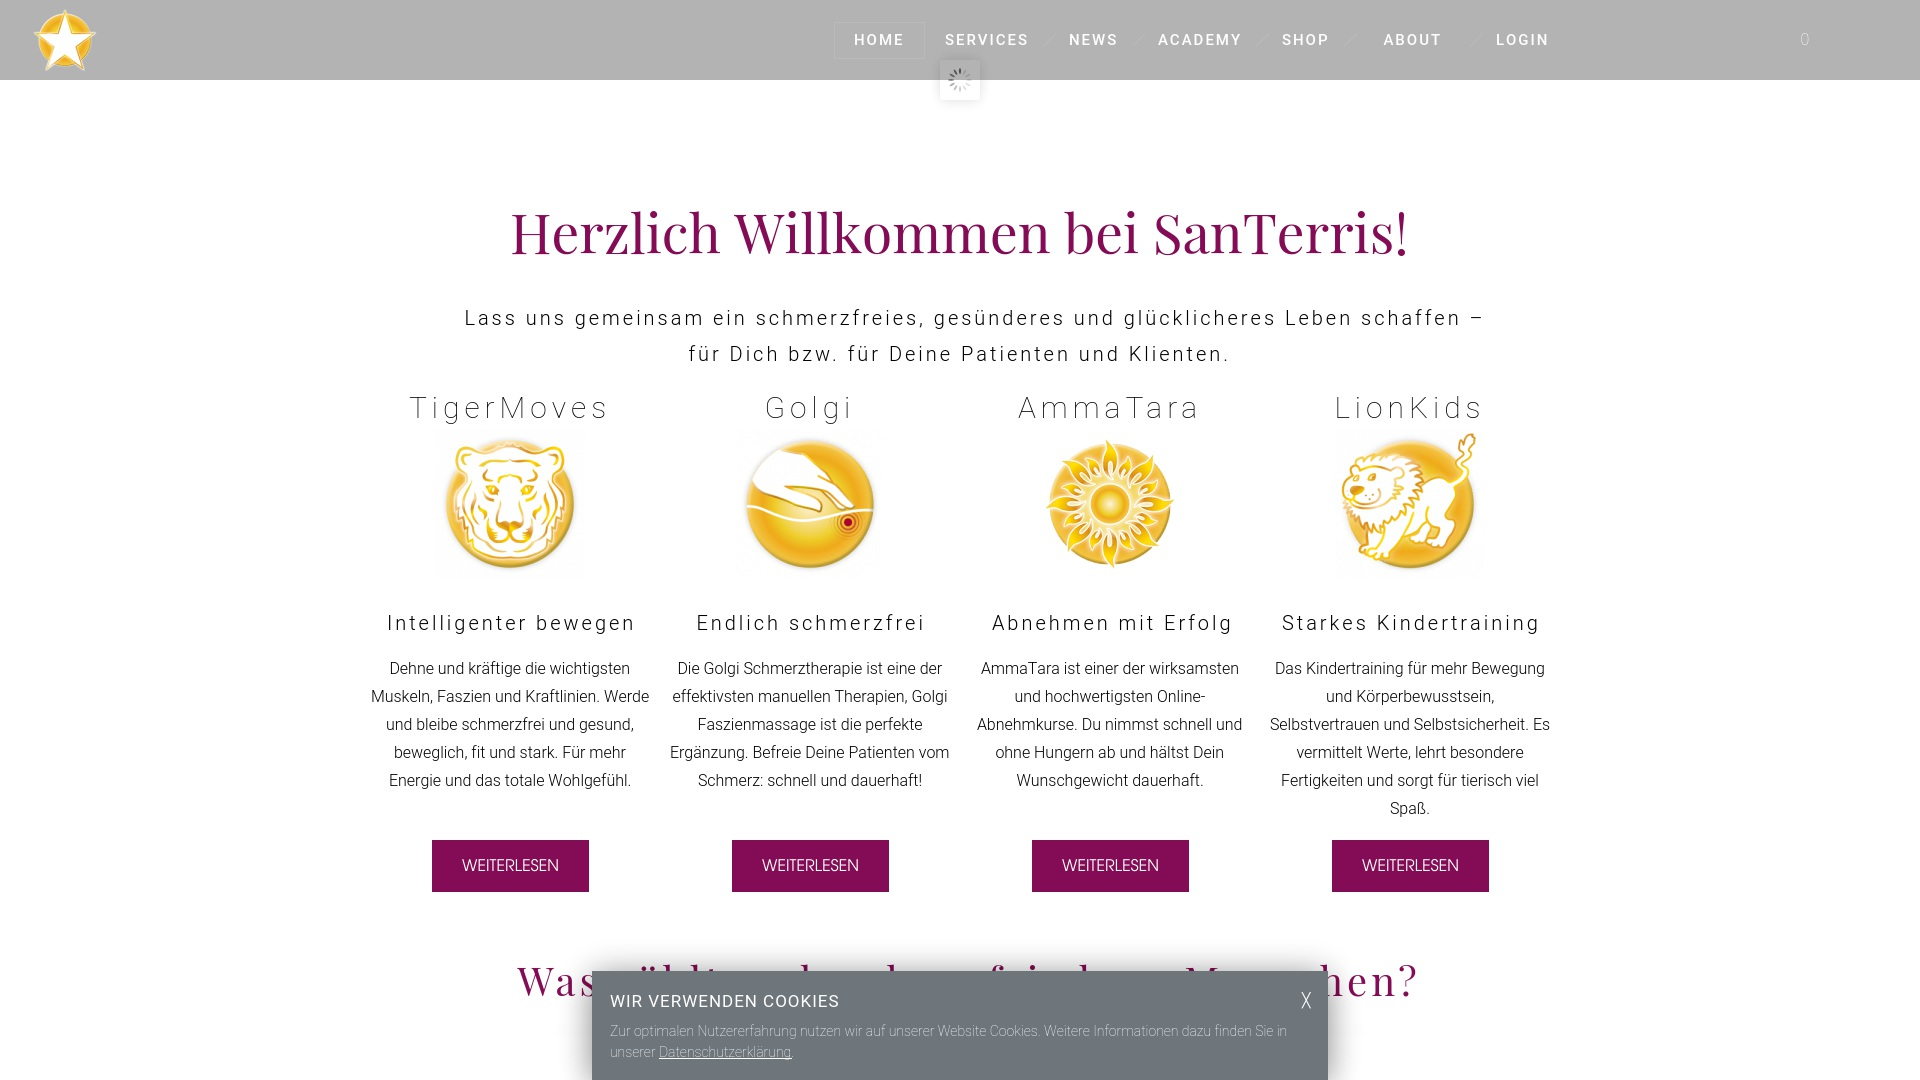 Geld zurück bei Santerris: Jetzt im Mai 2021 Cashback für Santerris sichern